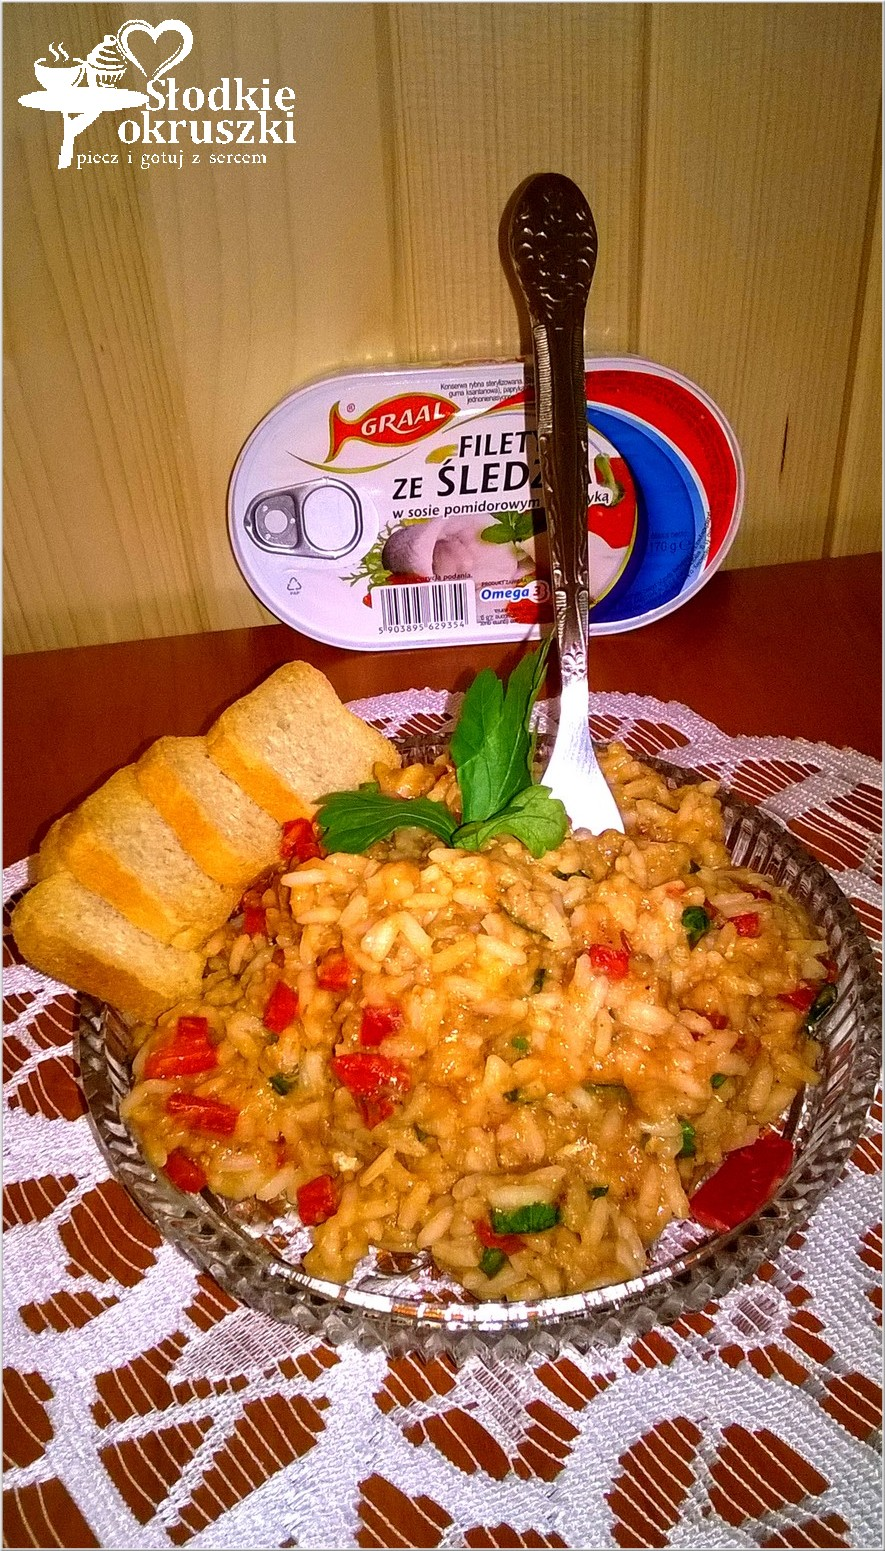 Ryżowa sałatka z papryką i filetami ze śledzia 2